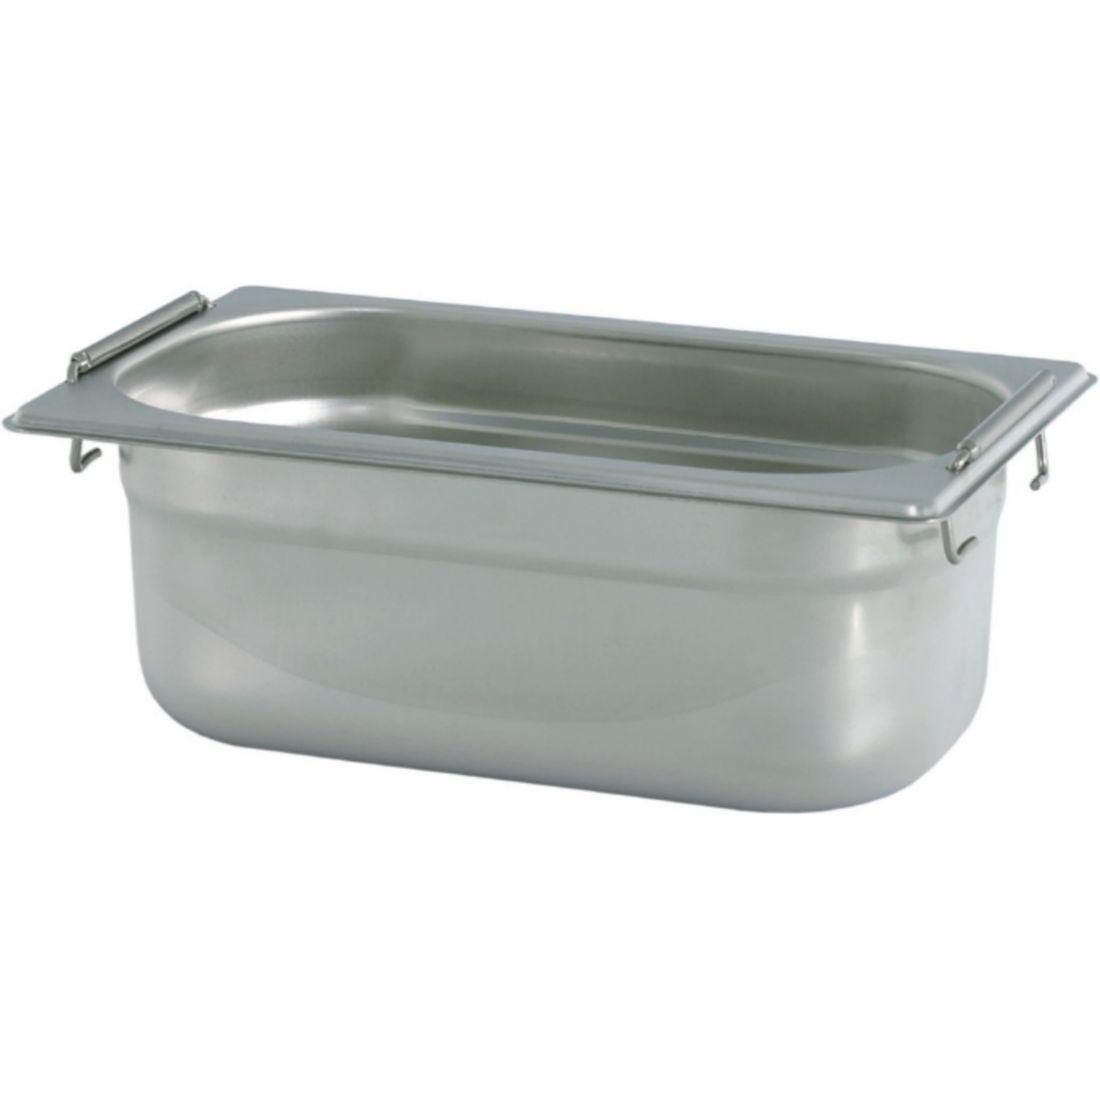 Gastronádoba Profi se sklápěcími úchyty GN 1/3 040 mm